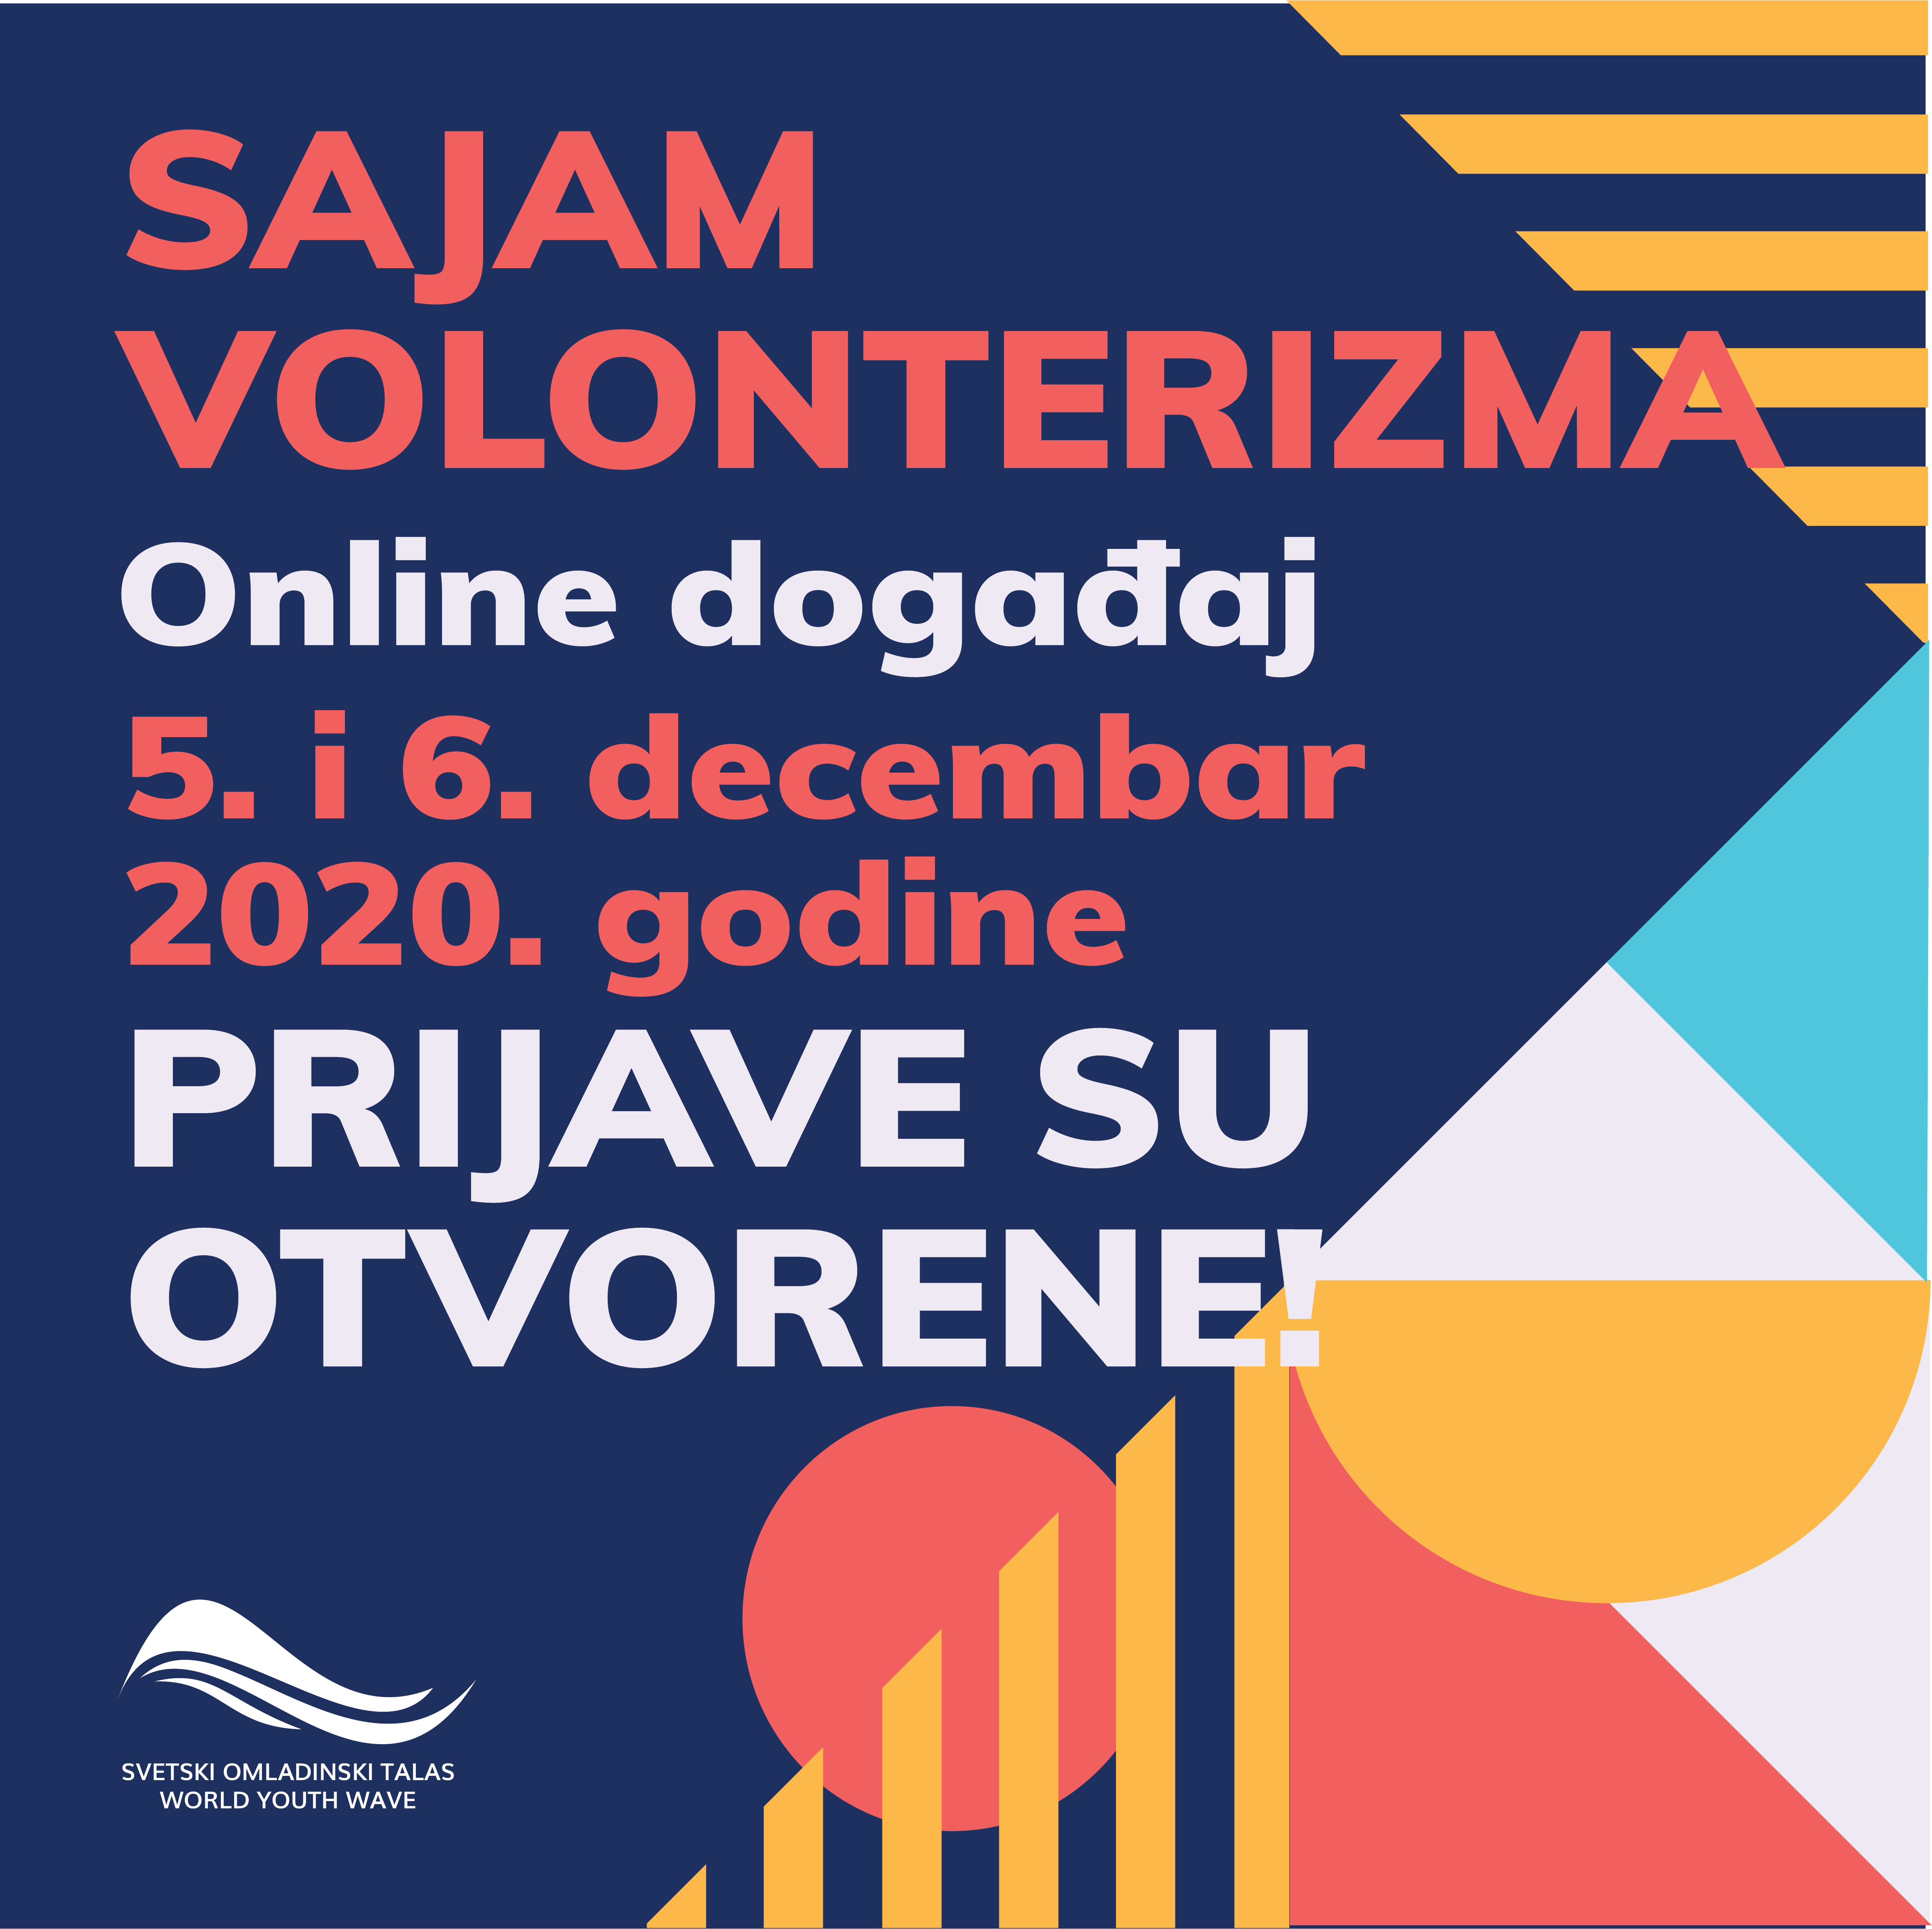 Позив на онлајн Сајам волонтеризма